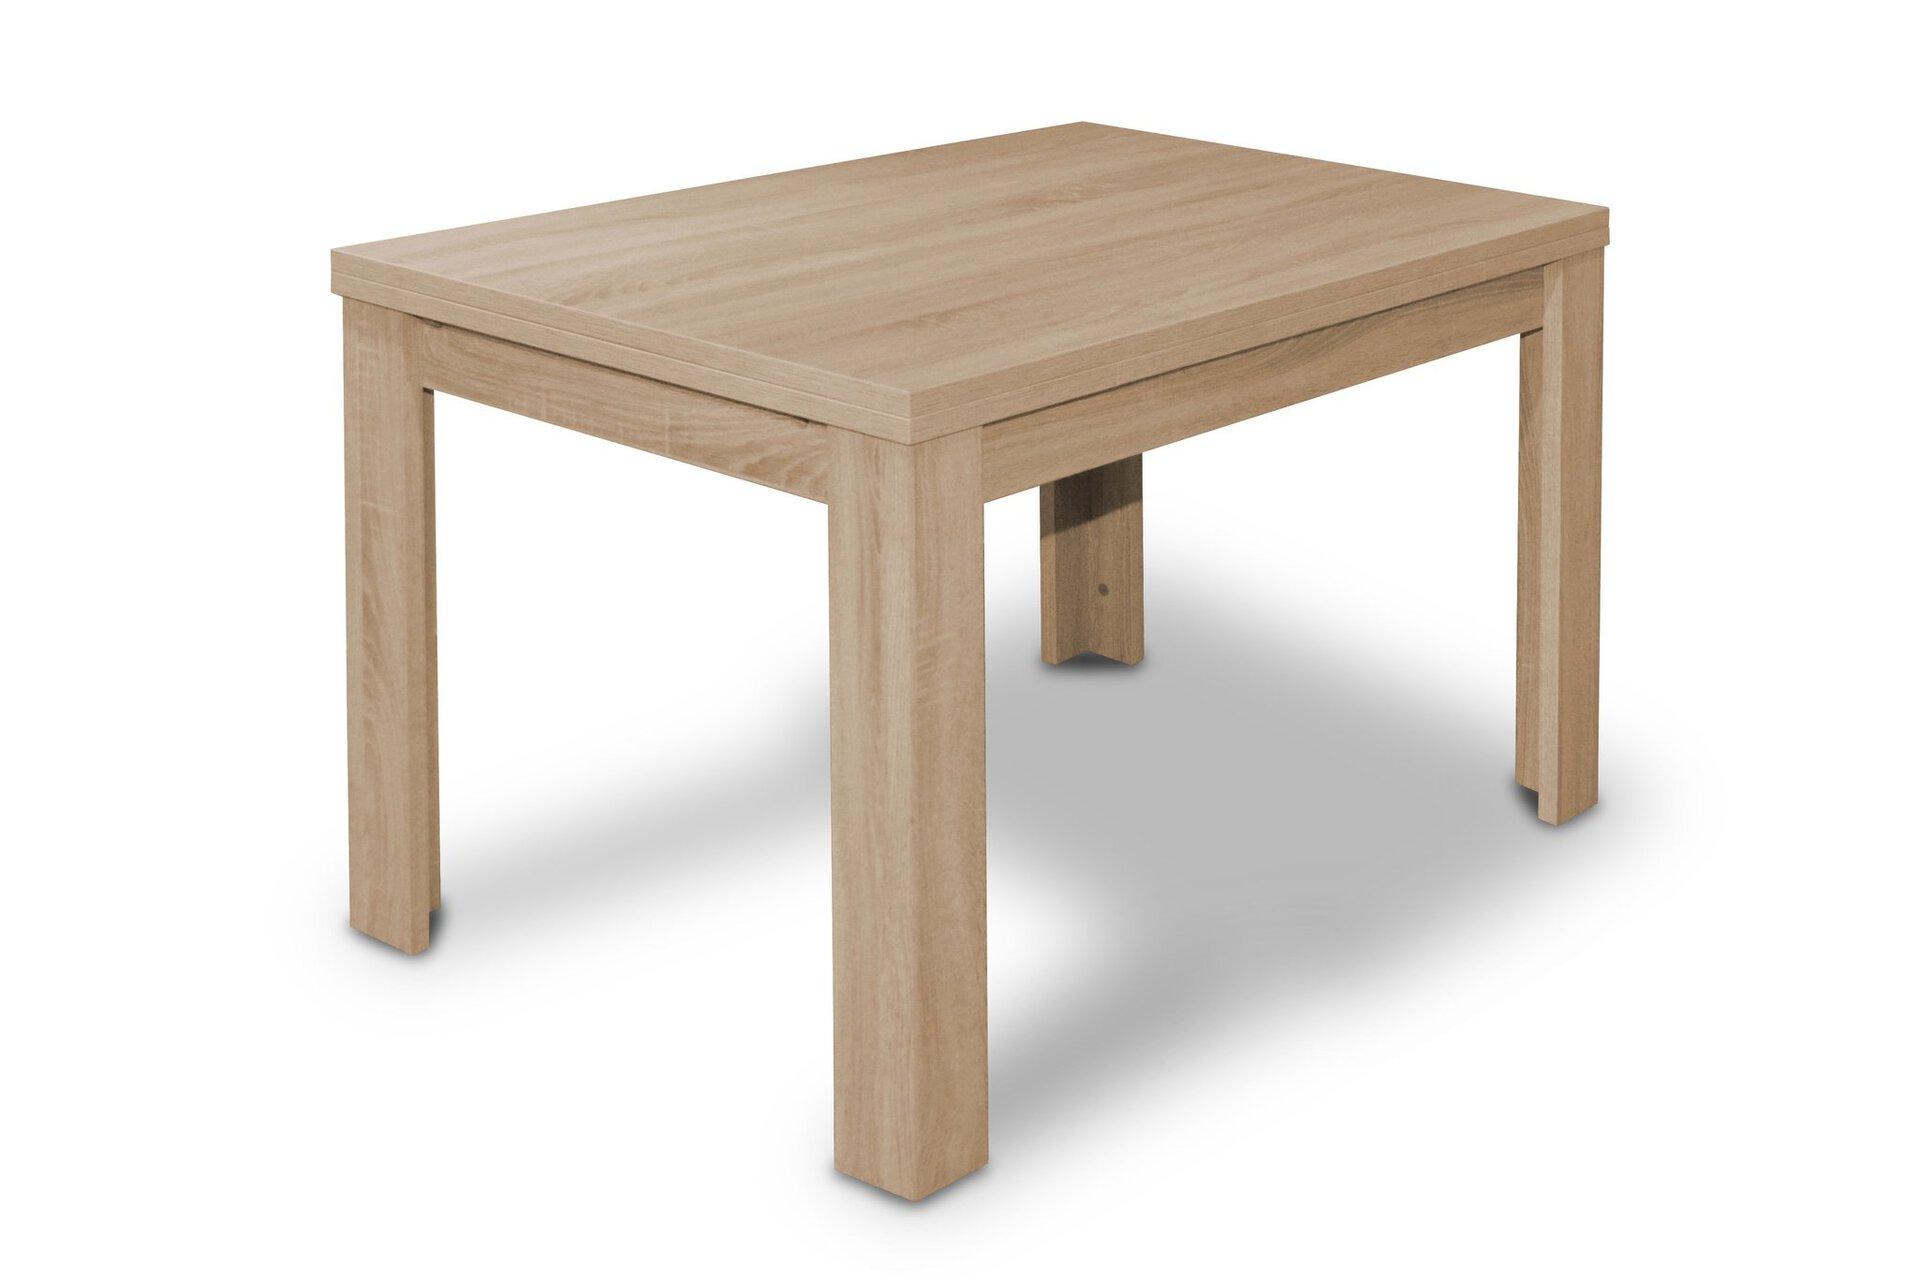 Tisch mit Auszug ZIP Mäusbacher Textil braun 80 x 78 x 120 cm